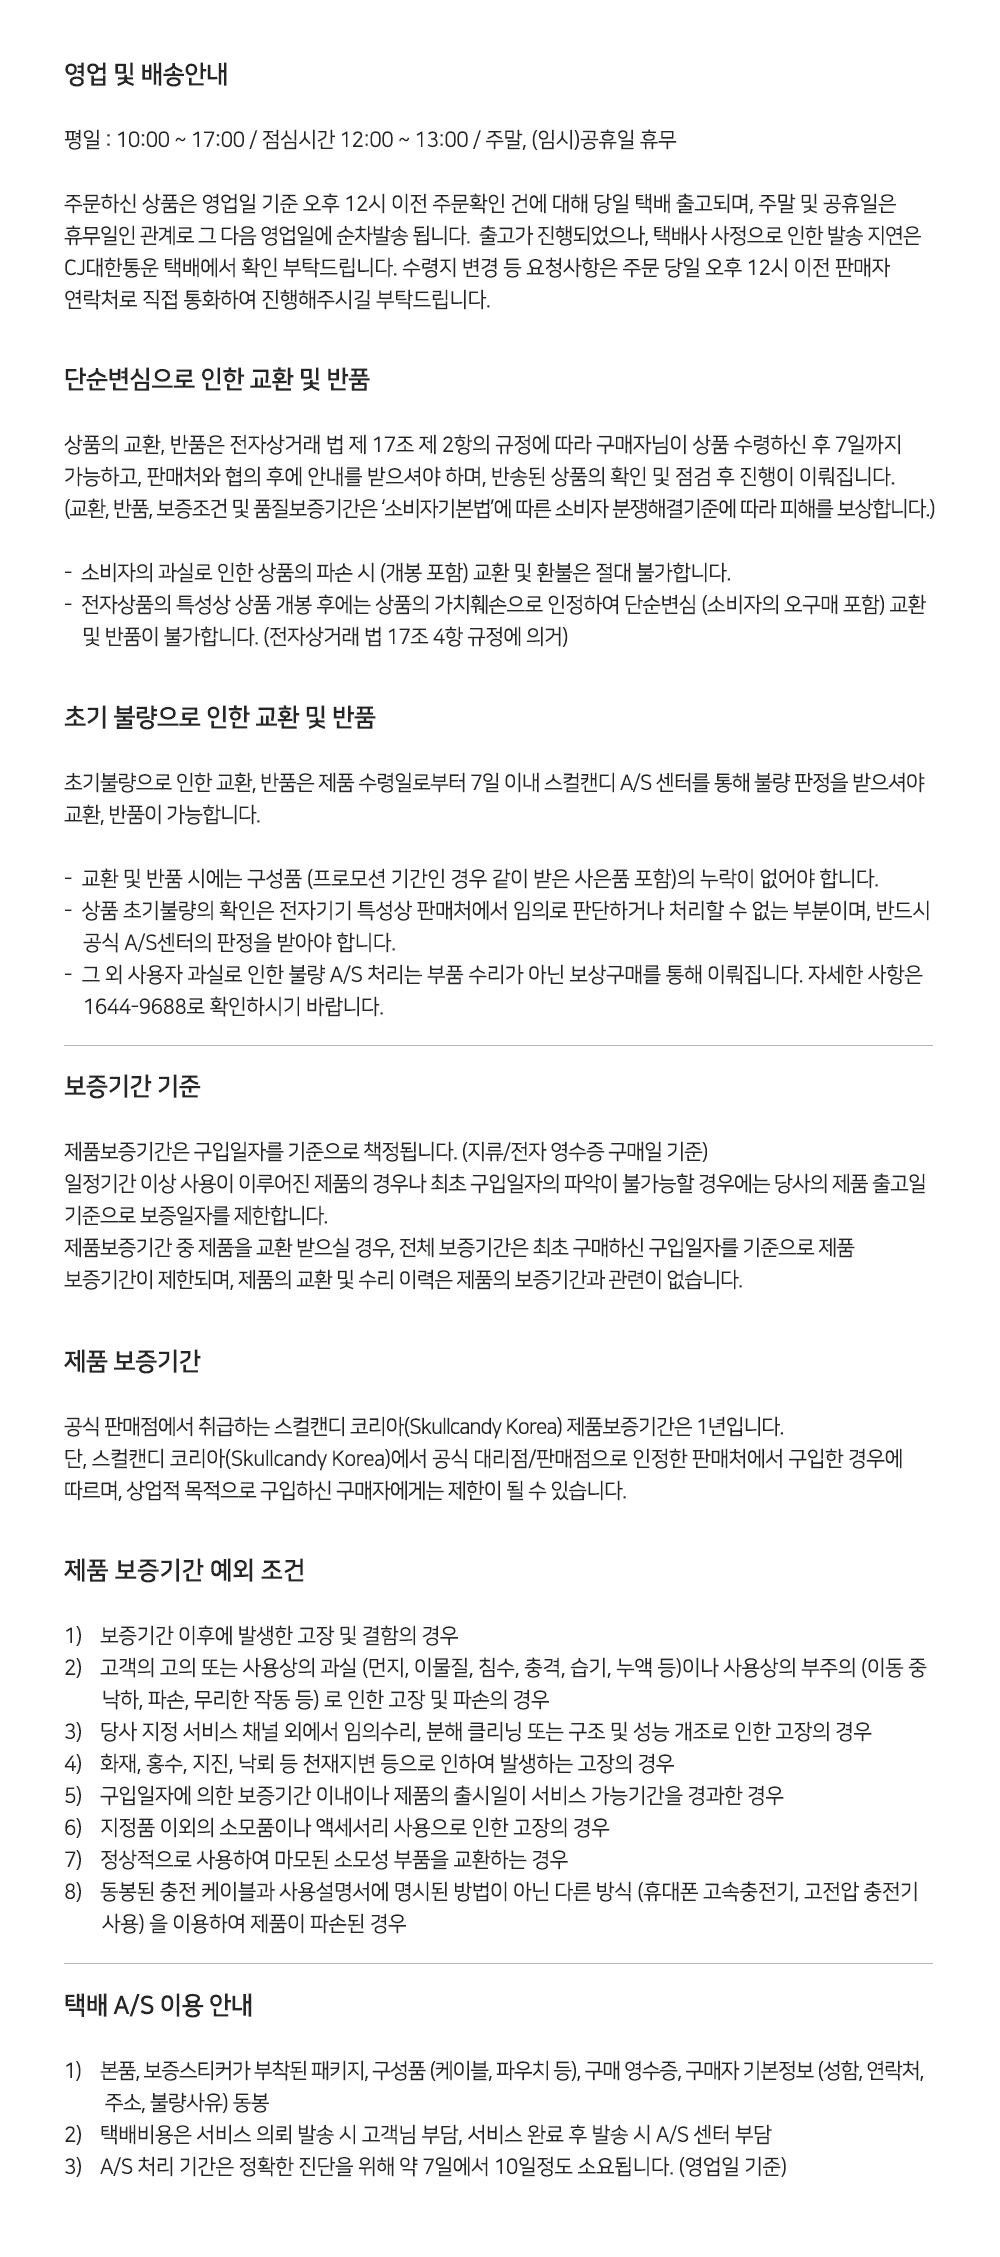 스컬캔디(SKULLCANDY) 집 와이어리스 블루투스 이어폰/정품/JIB WIRELESS IN-EAR/공식판매점